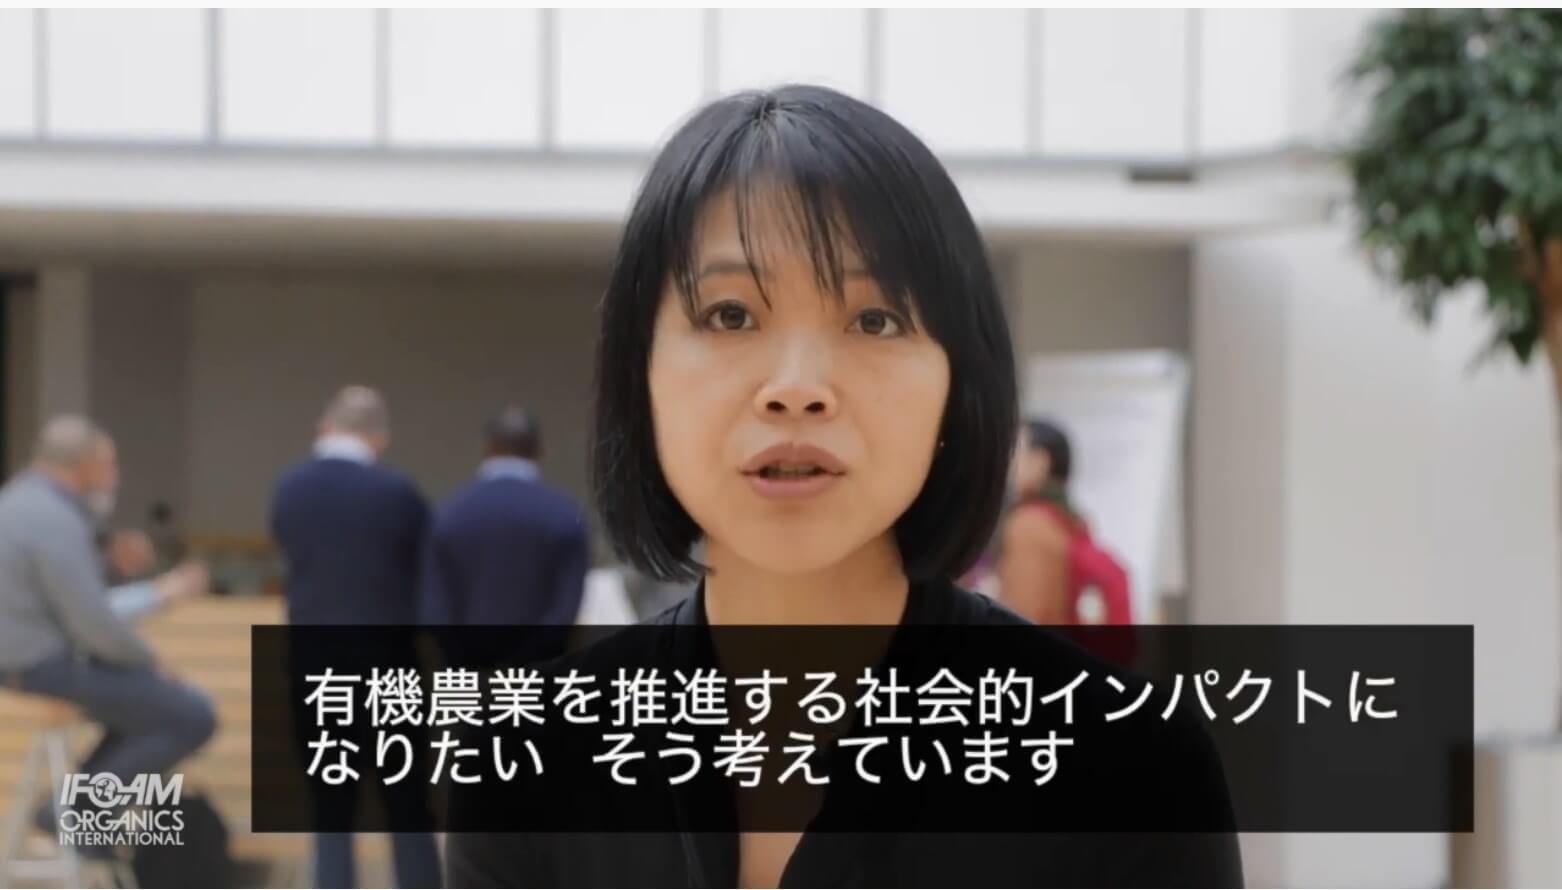 レムケなつこIFOAMインタビュー動画